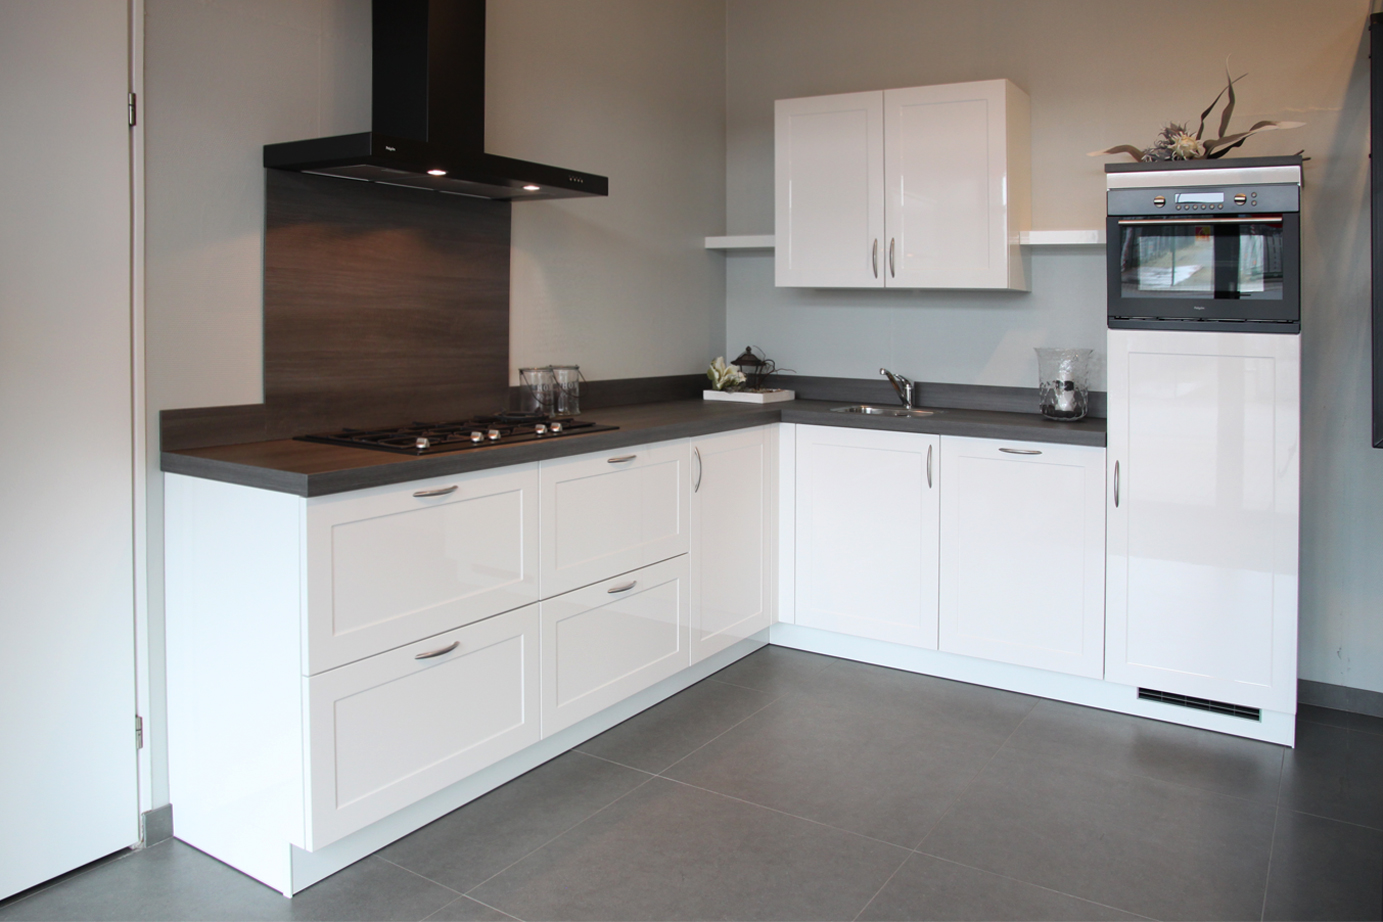 Zwart Witte Keuken : Witte keukens passen in diverse woonstijlen